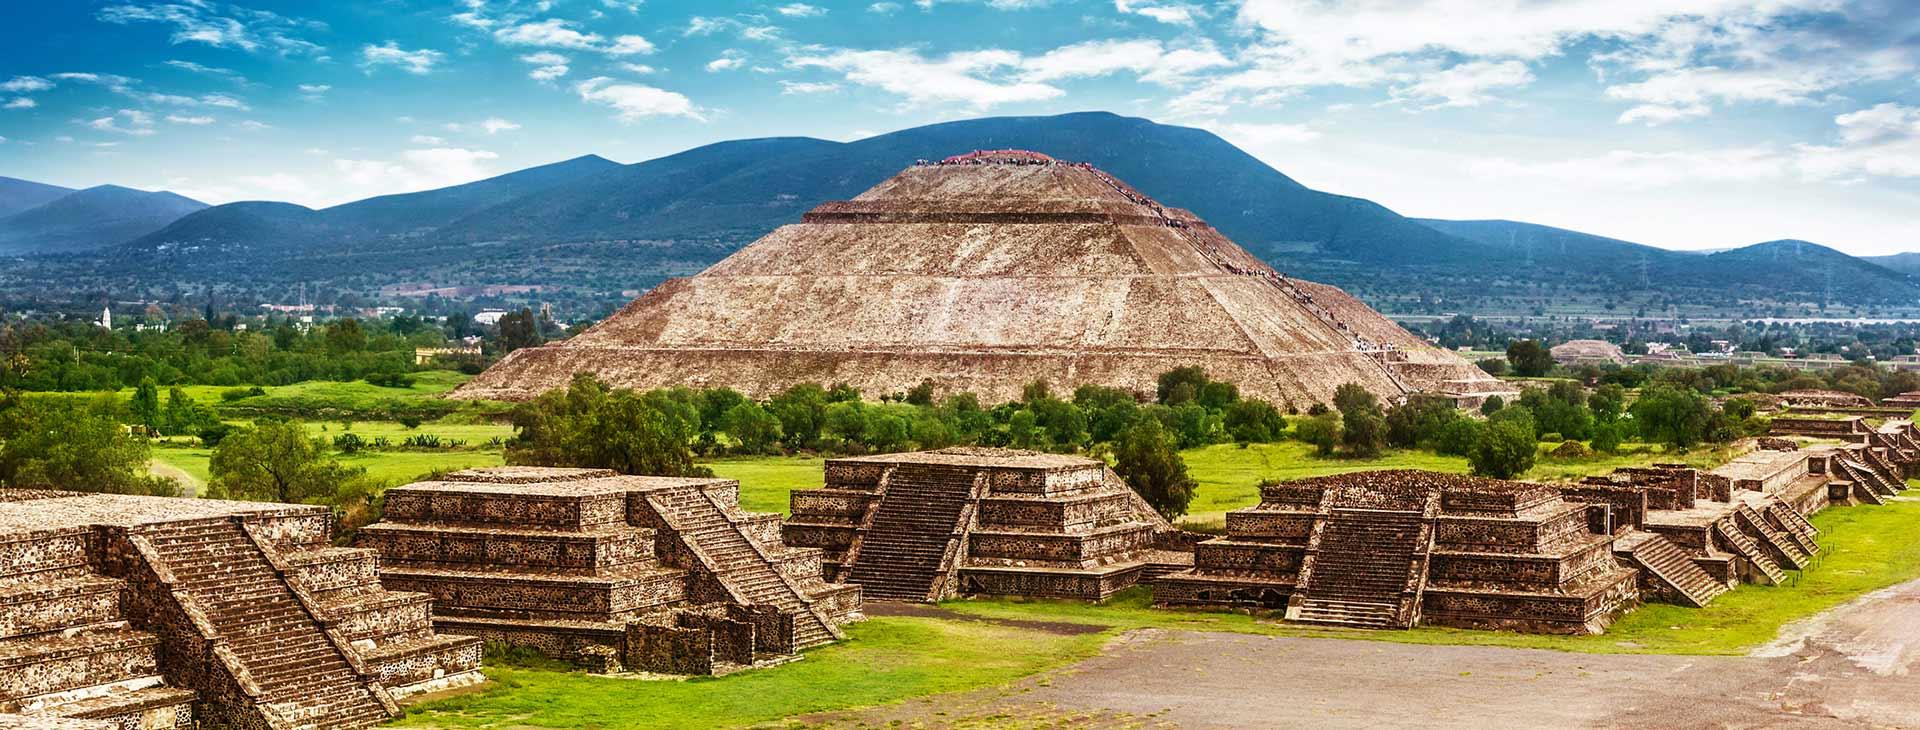 Hasta la vista Mexico!